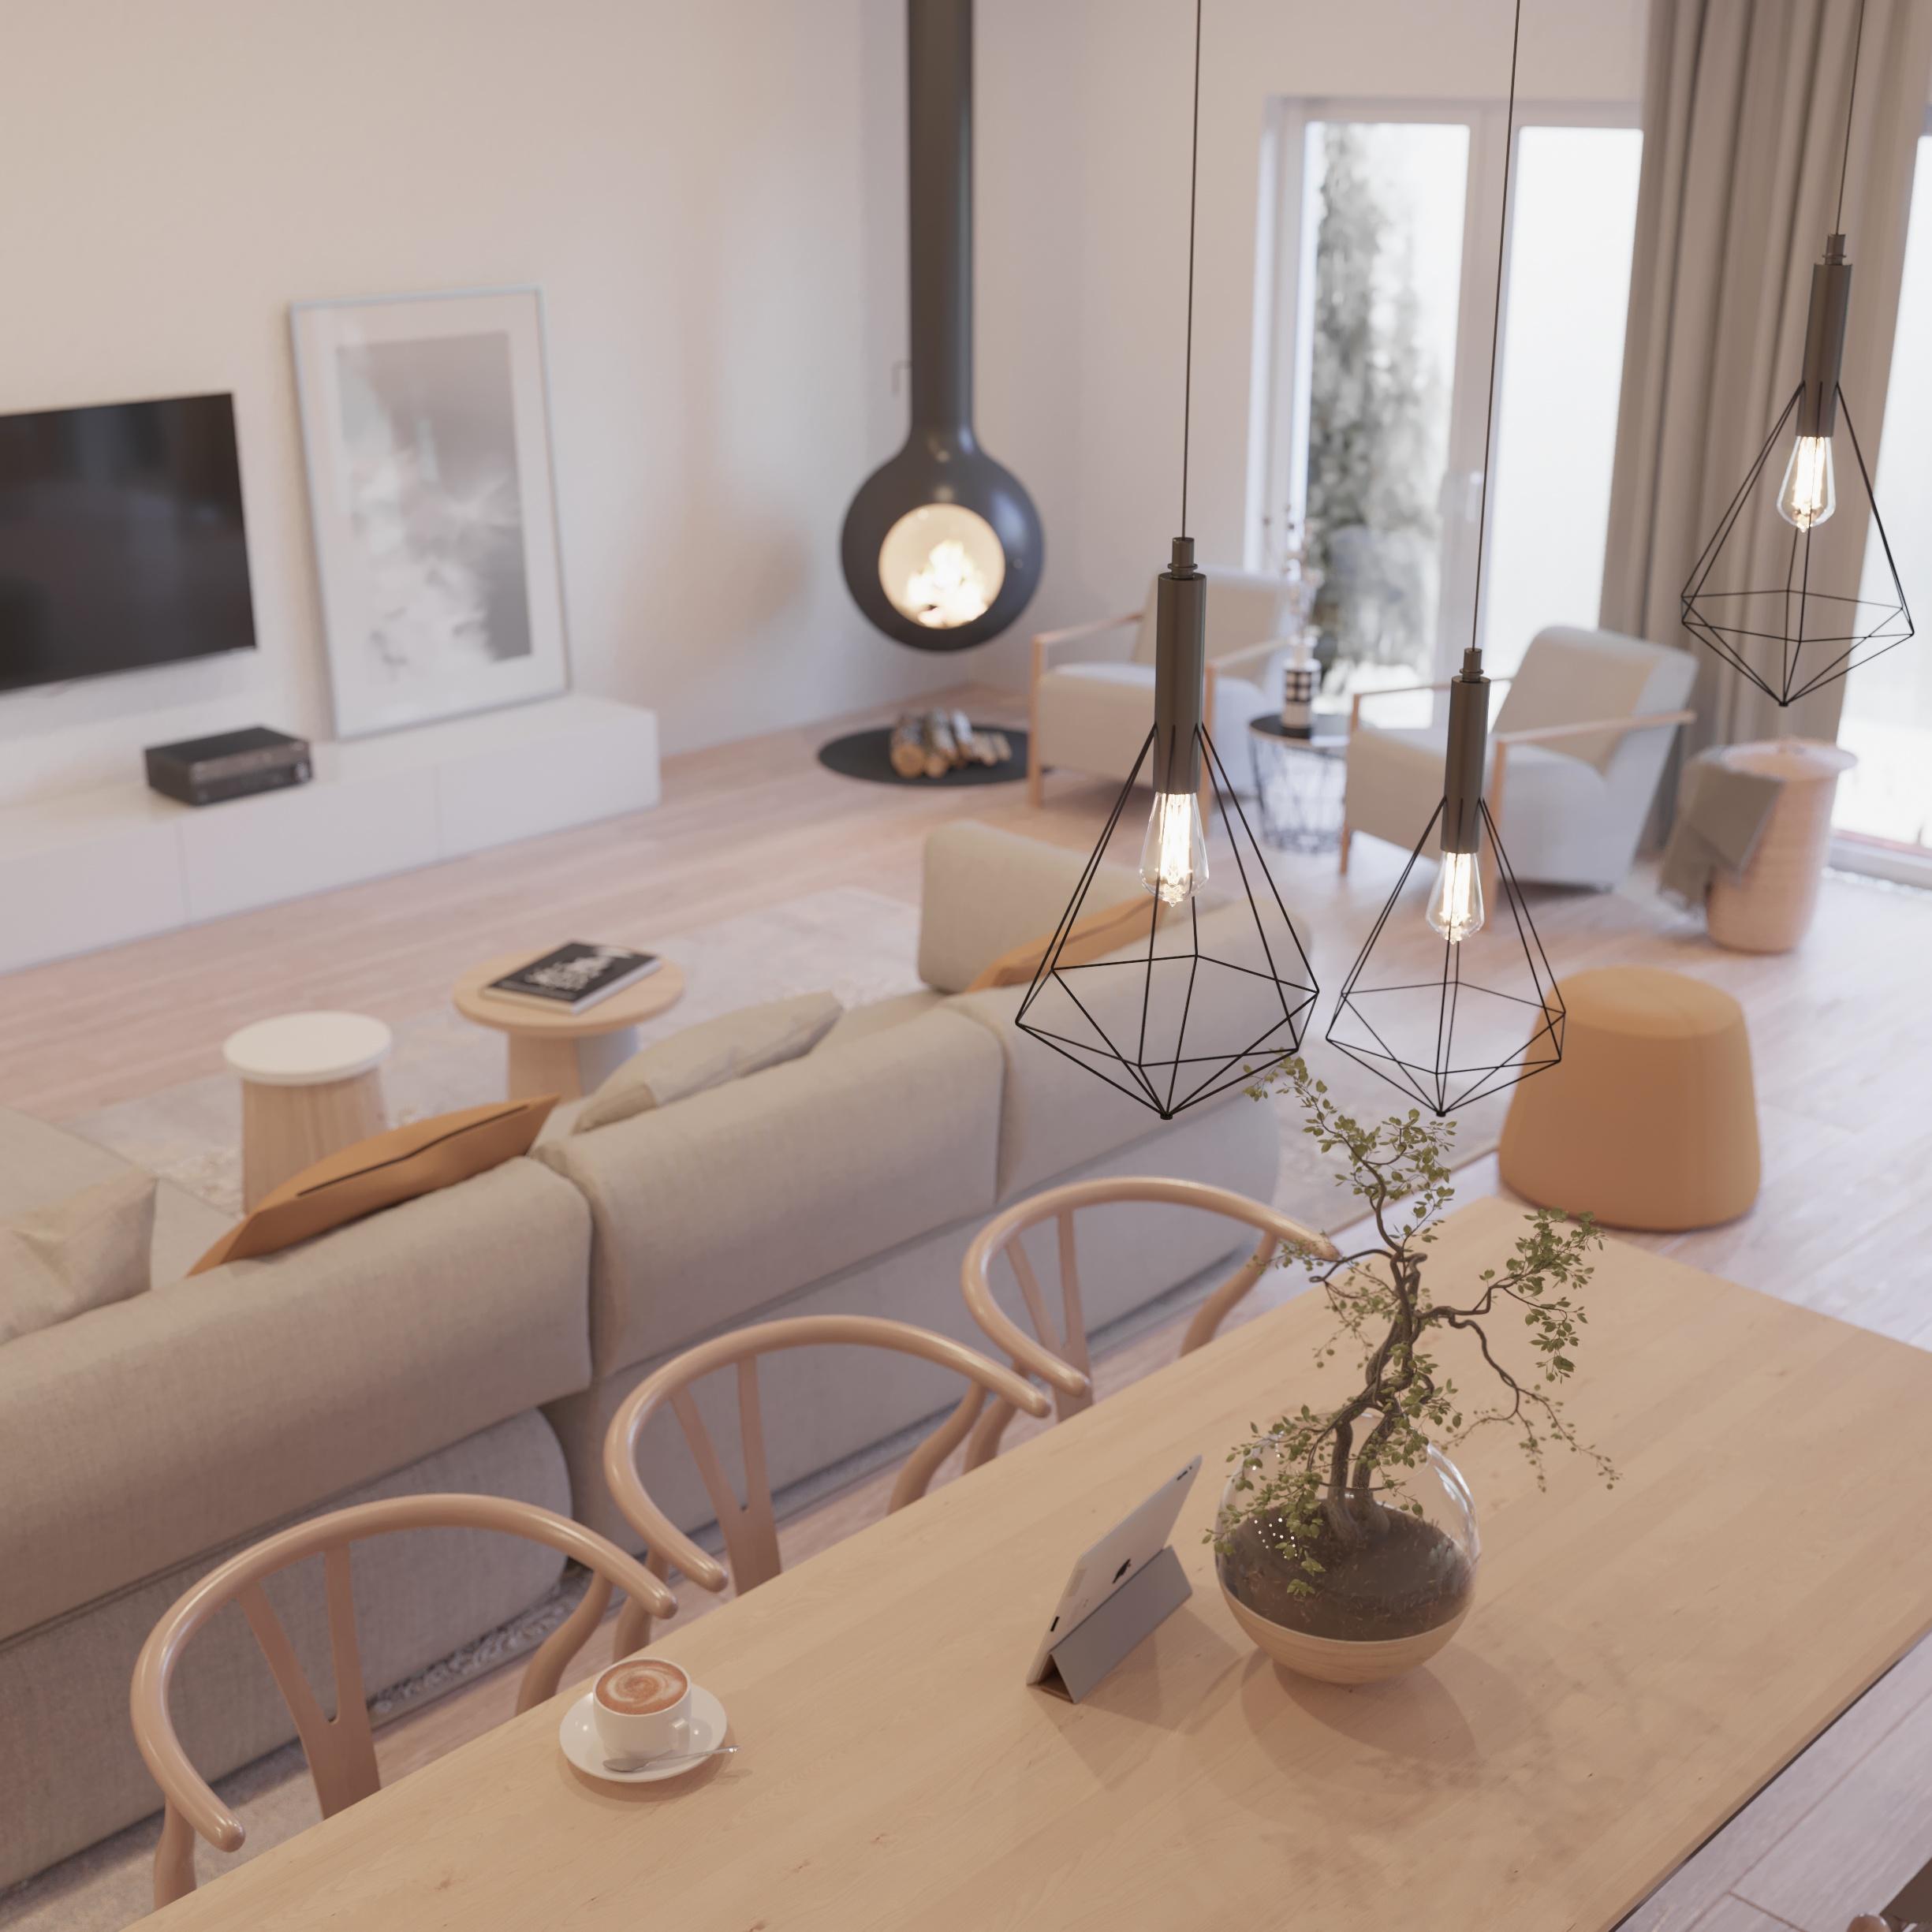 Wizualizacje wnętrz mieszkań pokój dzienny 2